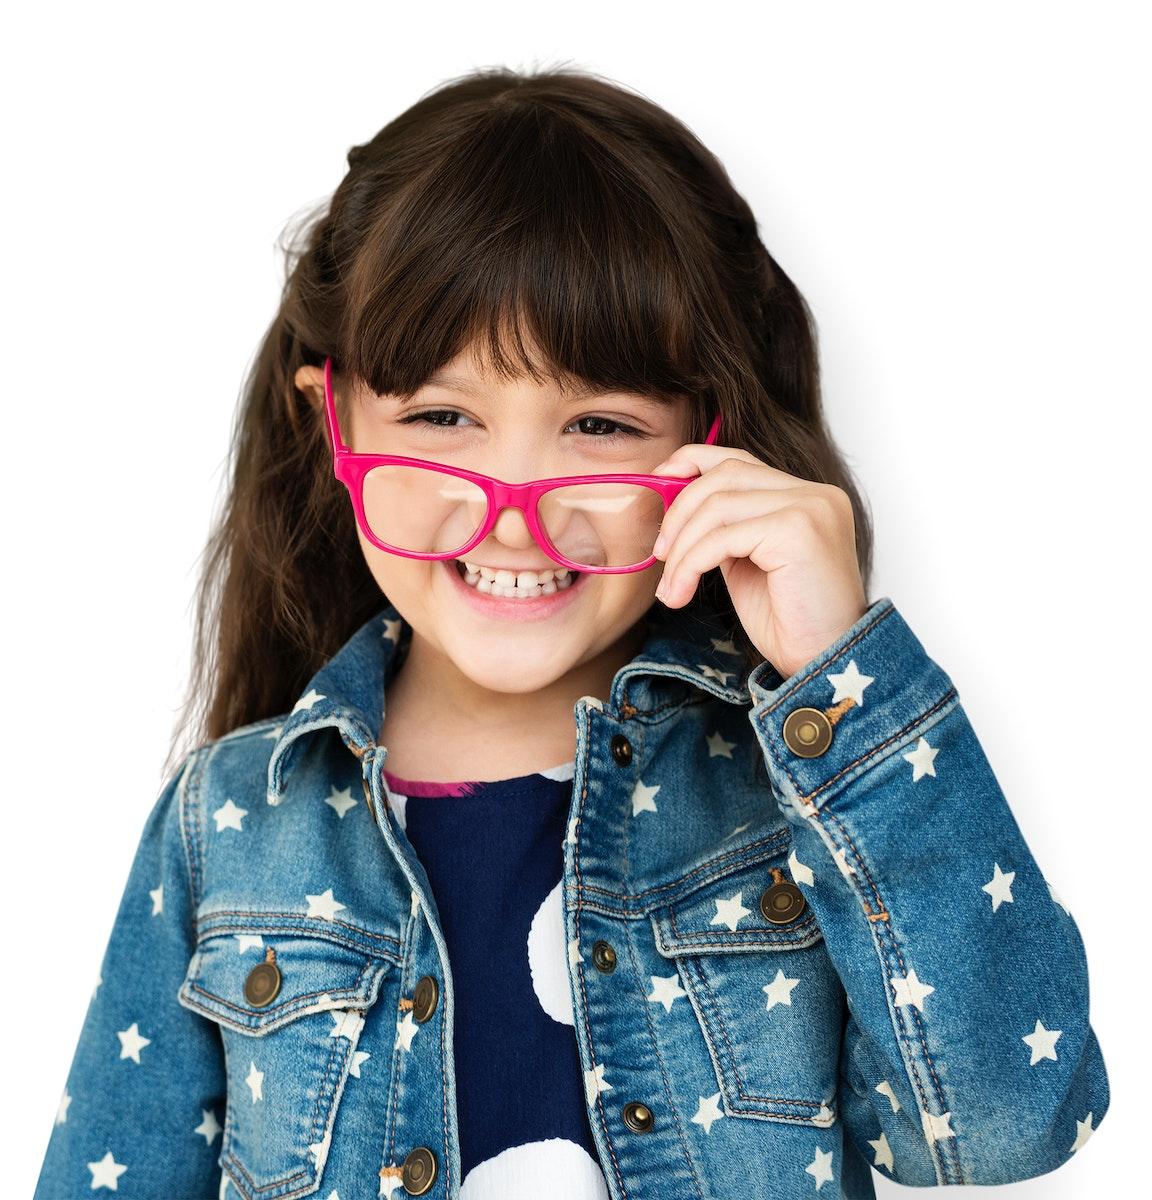 Young Girl Wear Eyeglasses Smile Studio